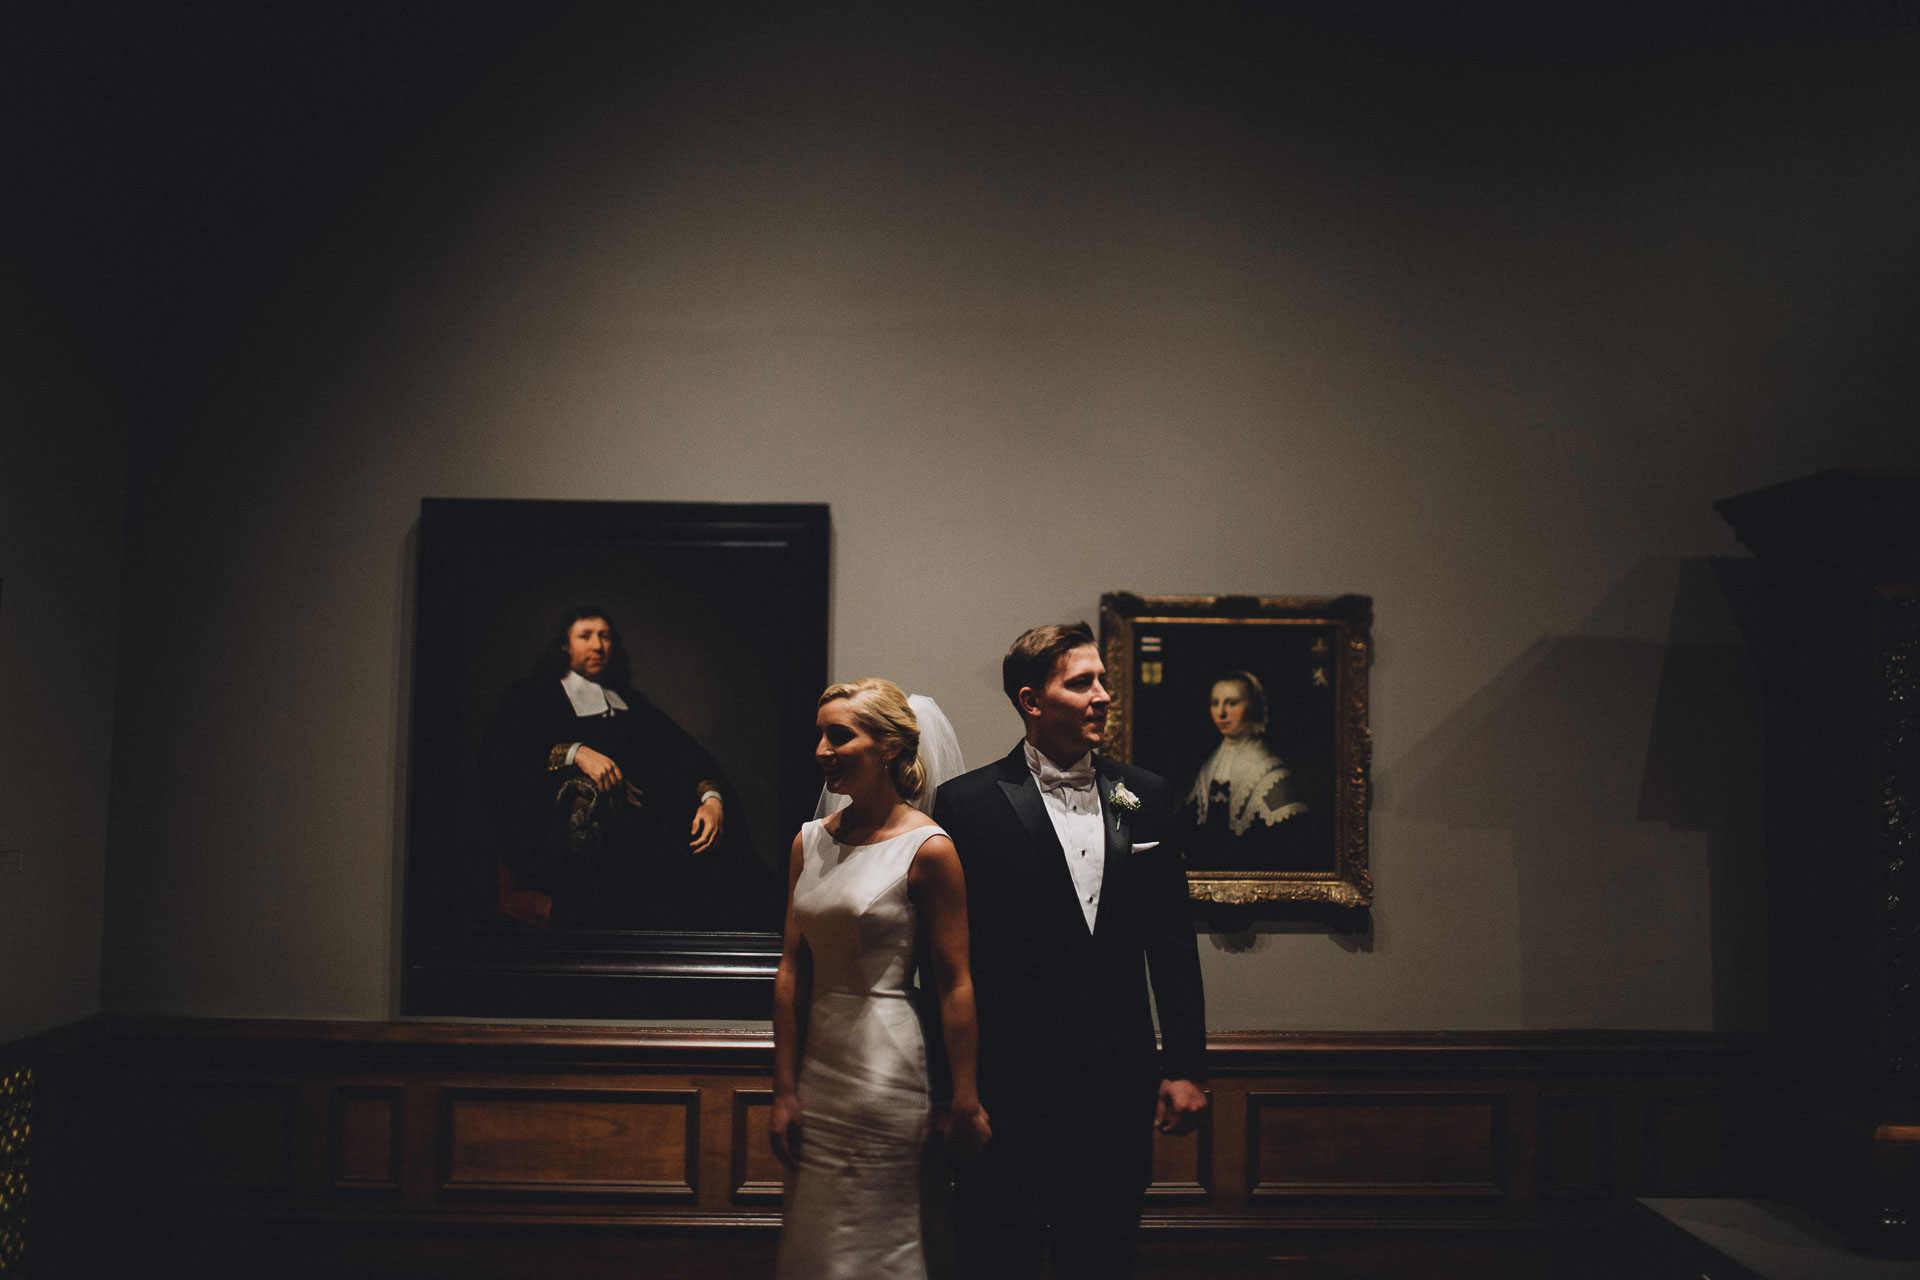 The Brauns Best of 2014 95 Dayton Art Institute Wedding.jpg